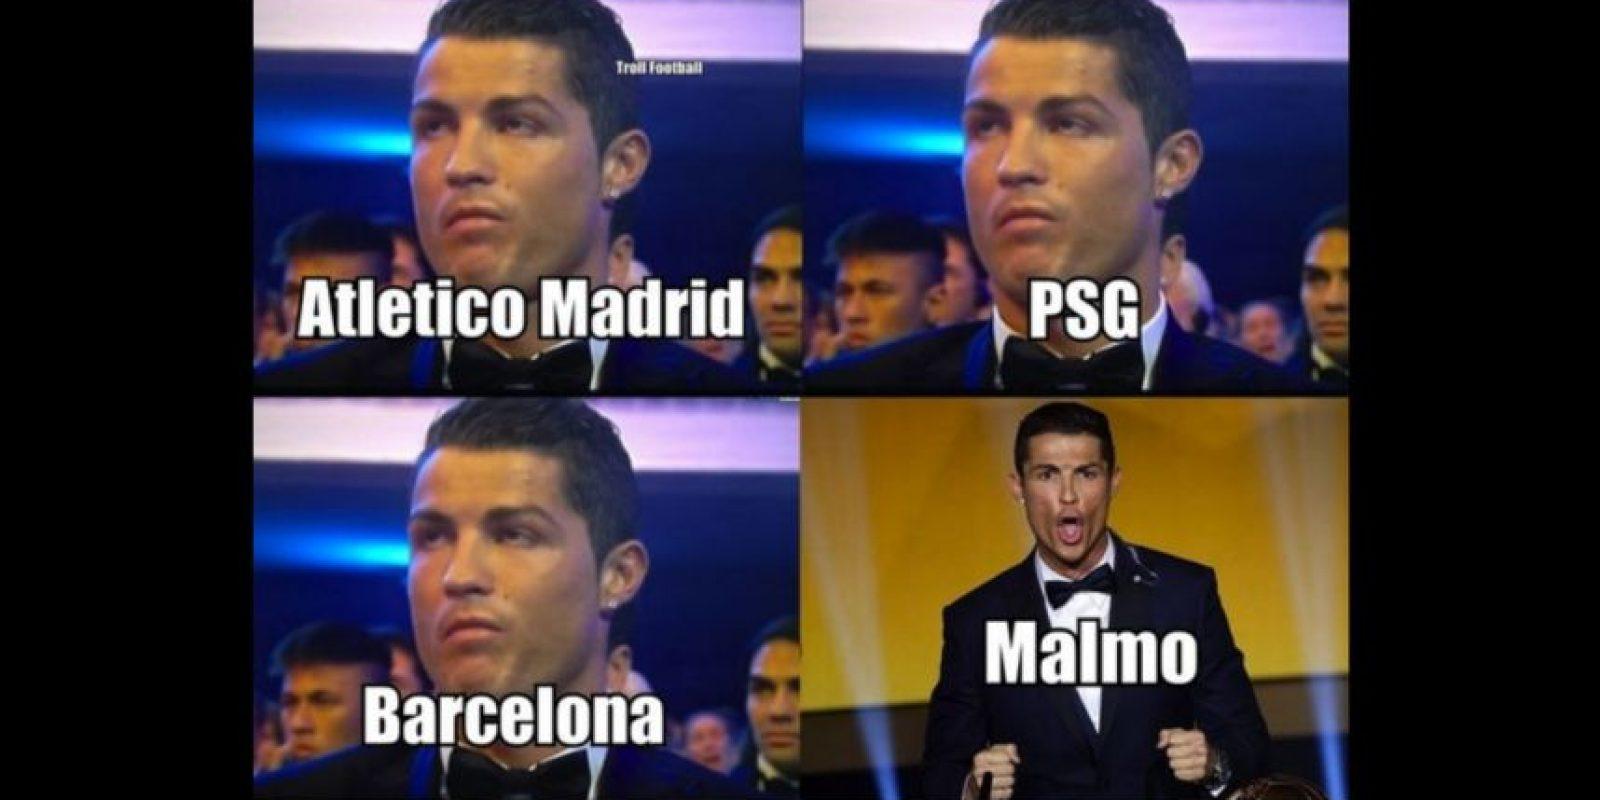 Y en redes sociales aún se acuerdan de la goleada del Real Madrid sobre Malmo. Foto:Vía twitter.com